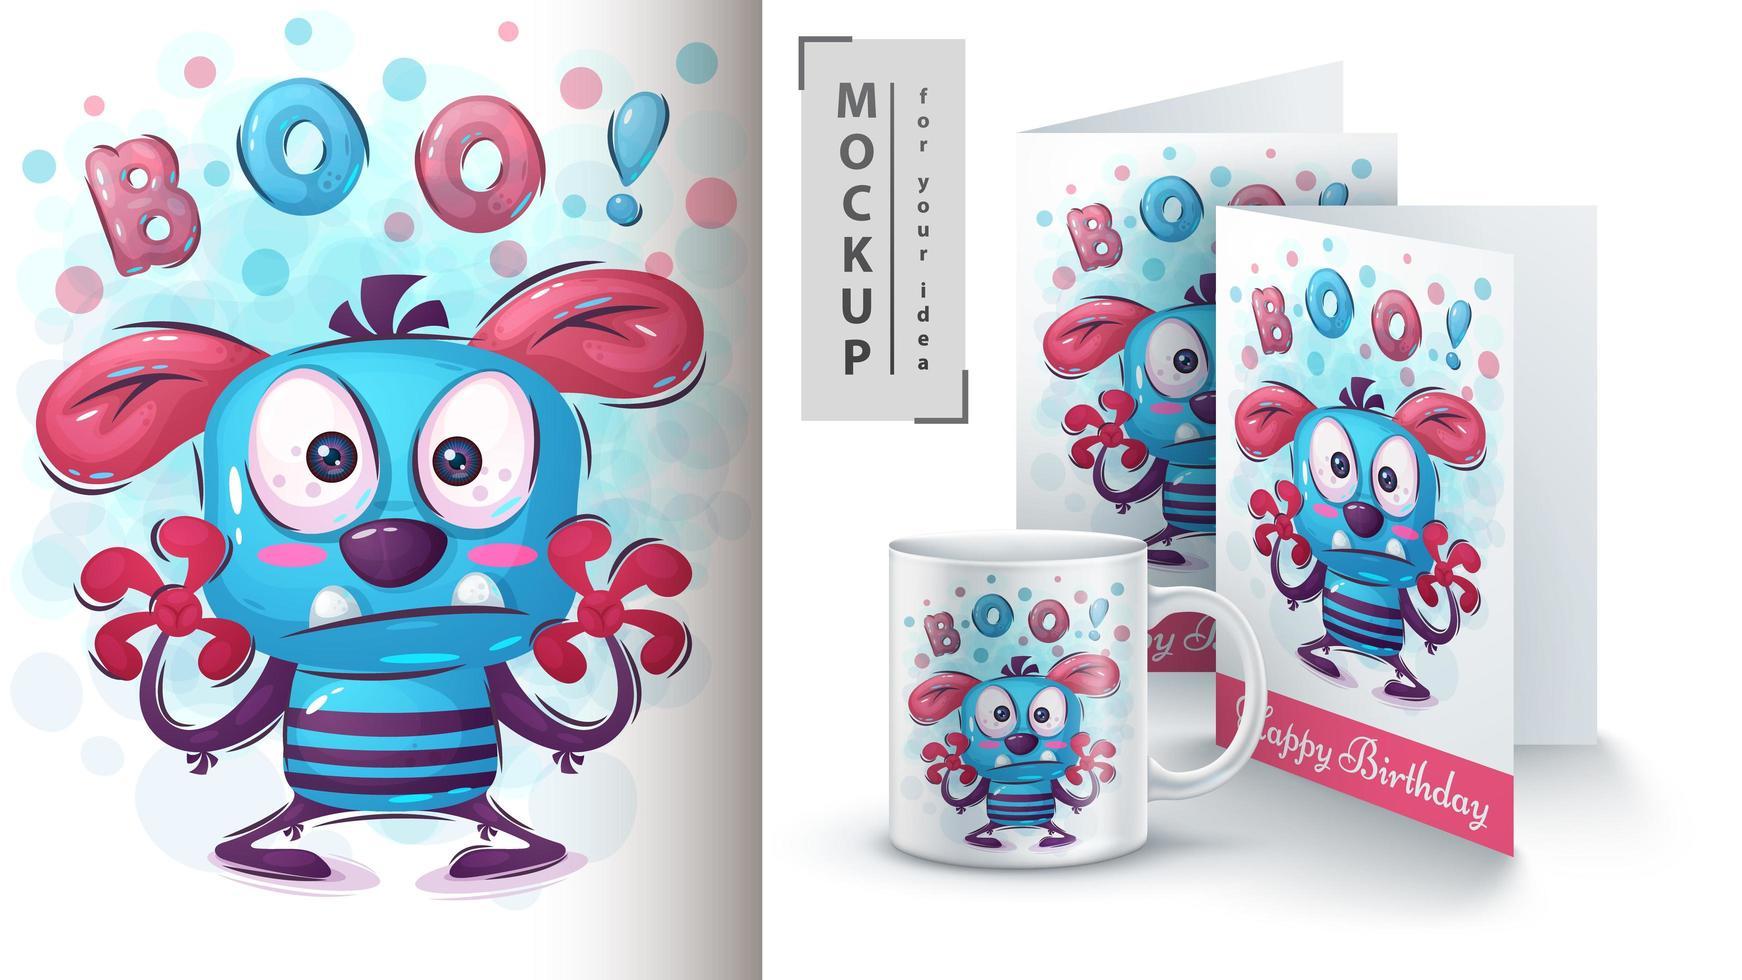 Boo Monster affiche et merchandising vecteur